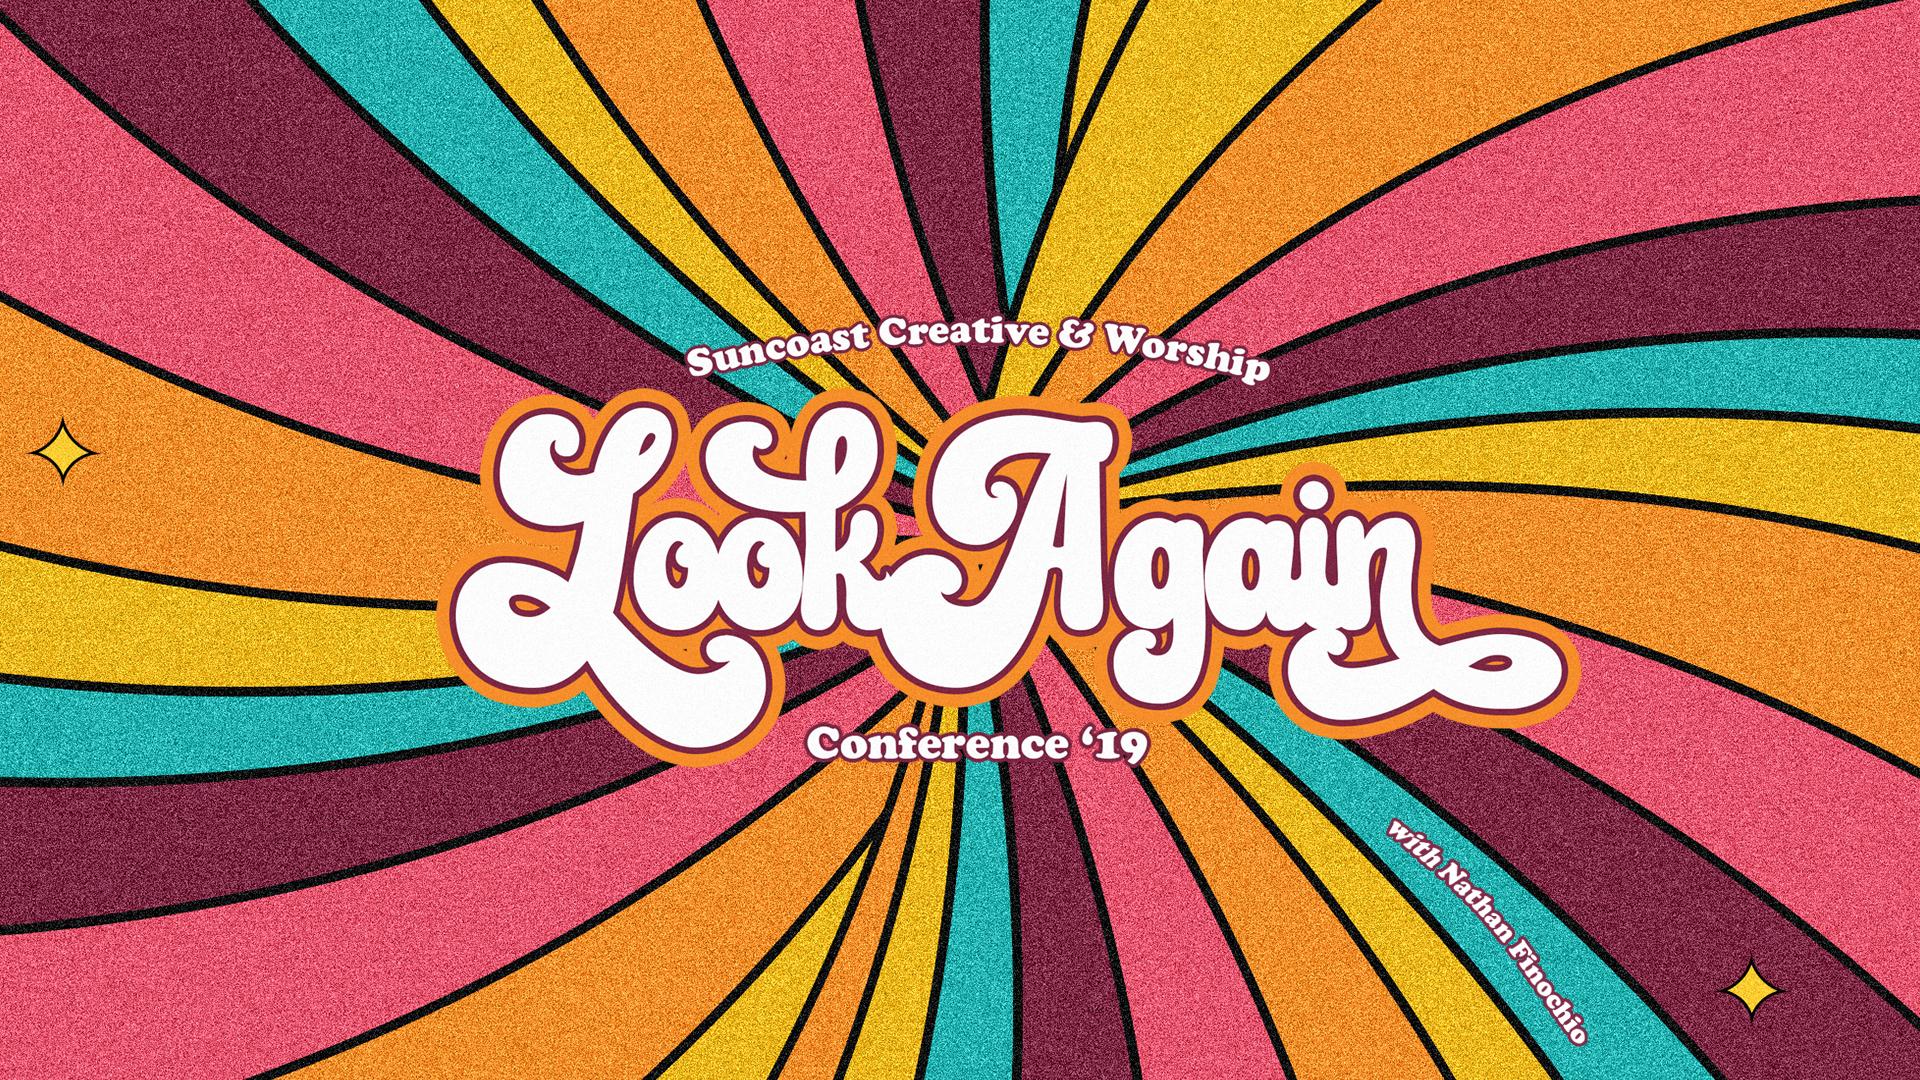 LOOKAGAIN_SLIDE_FB.jpg